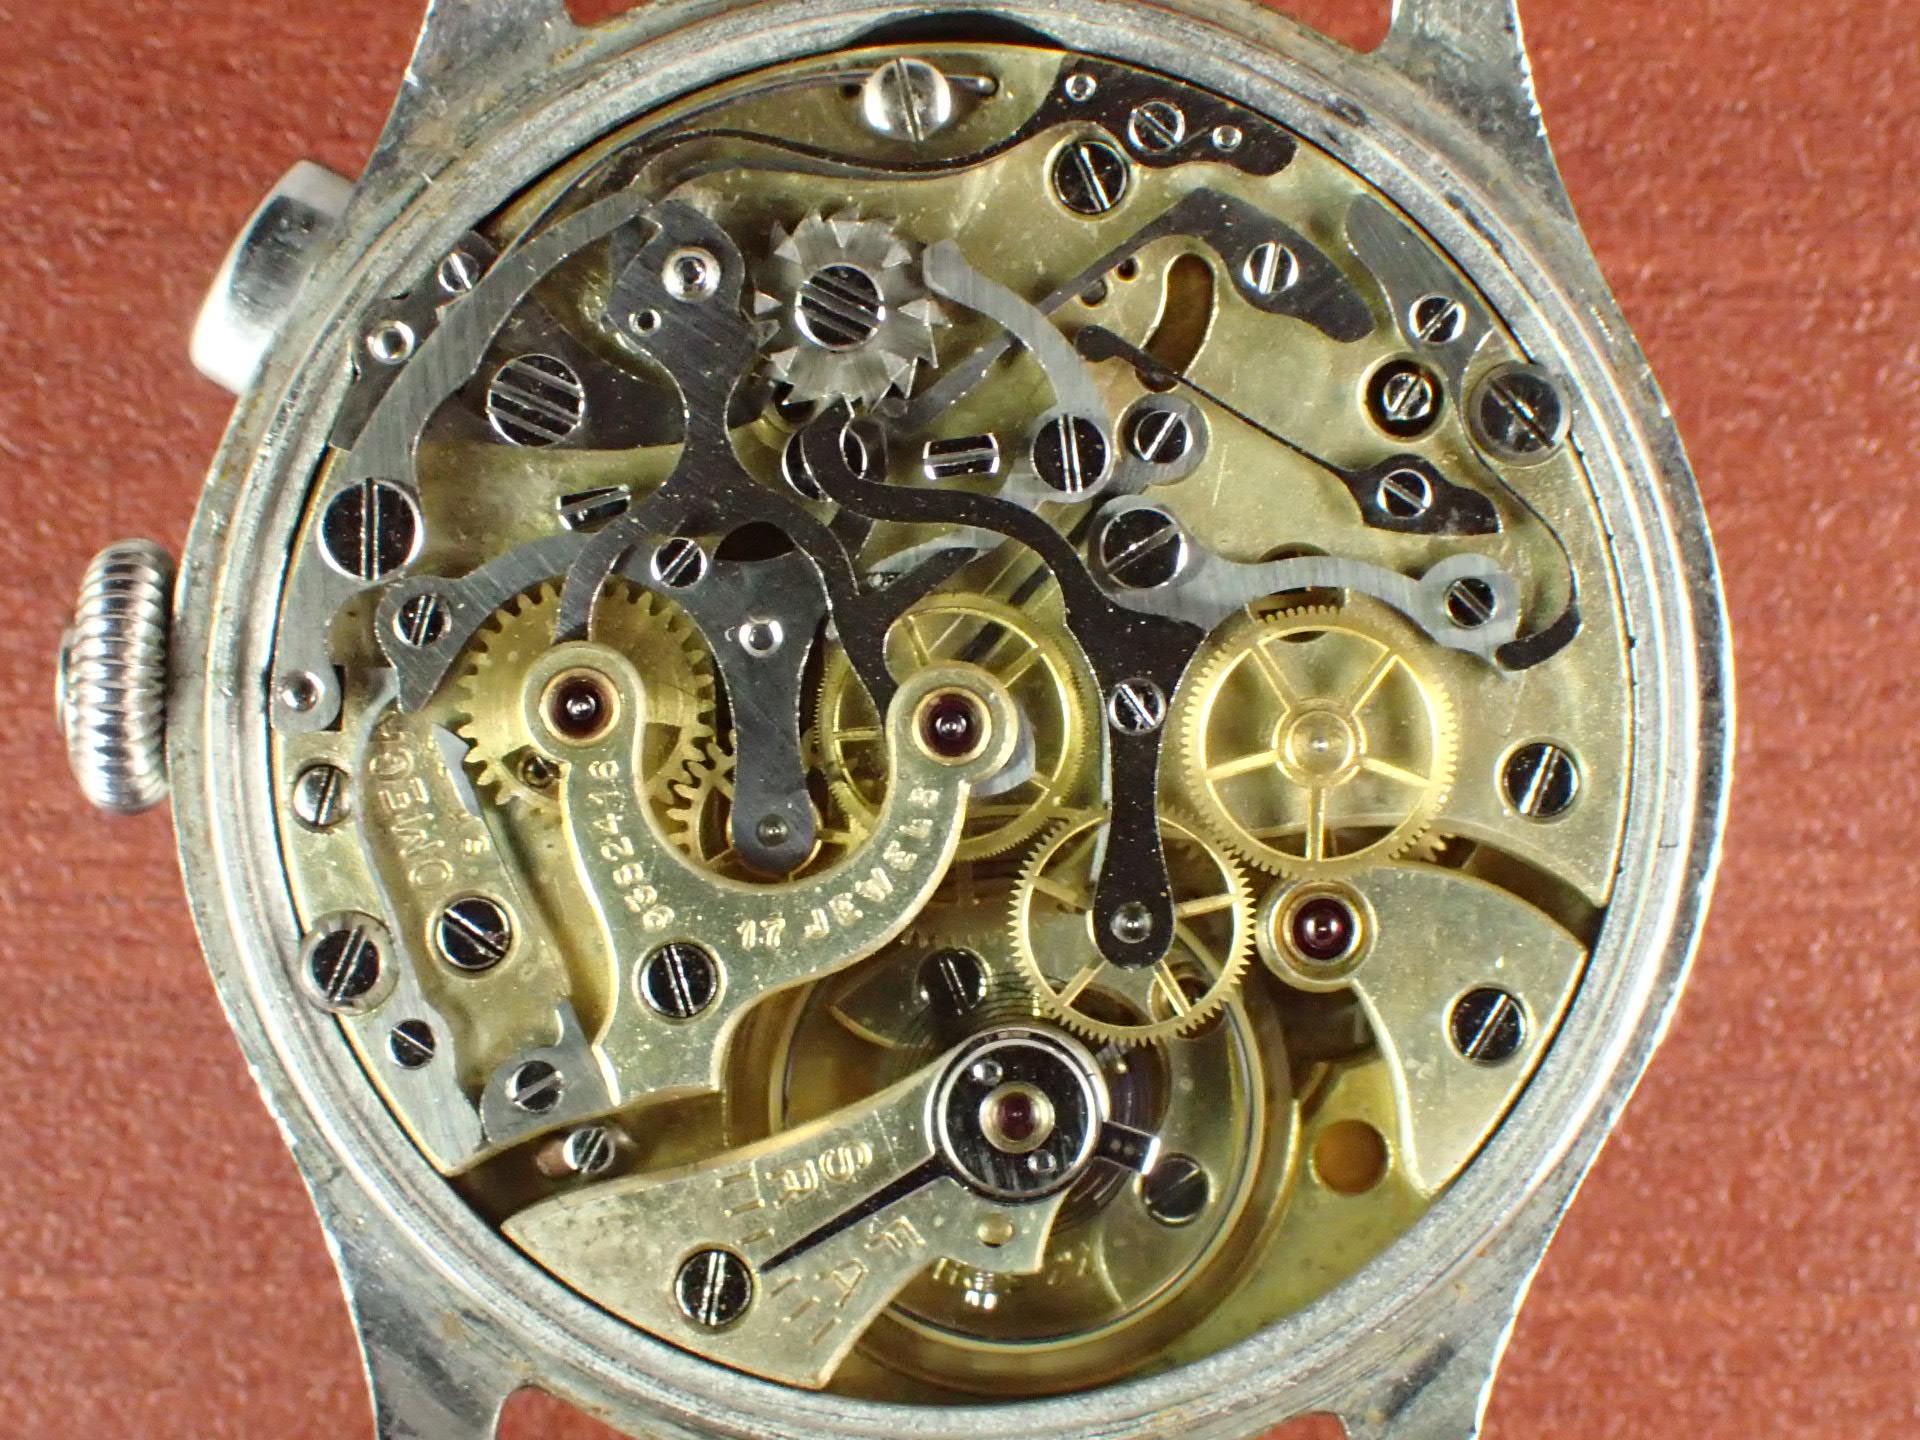 オメガ クロノグラフ キャリバー33.3CHRO ブレゲインデックス 1940年代の写真5枚目